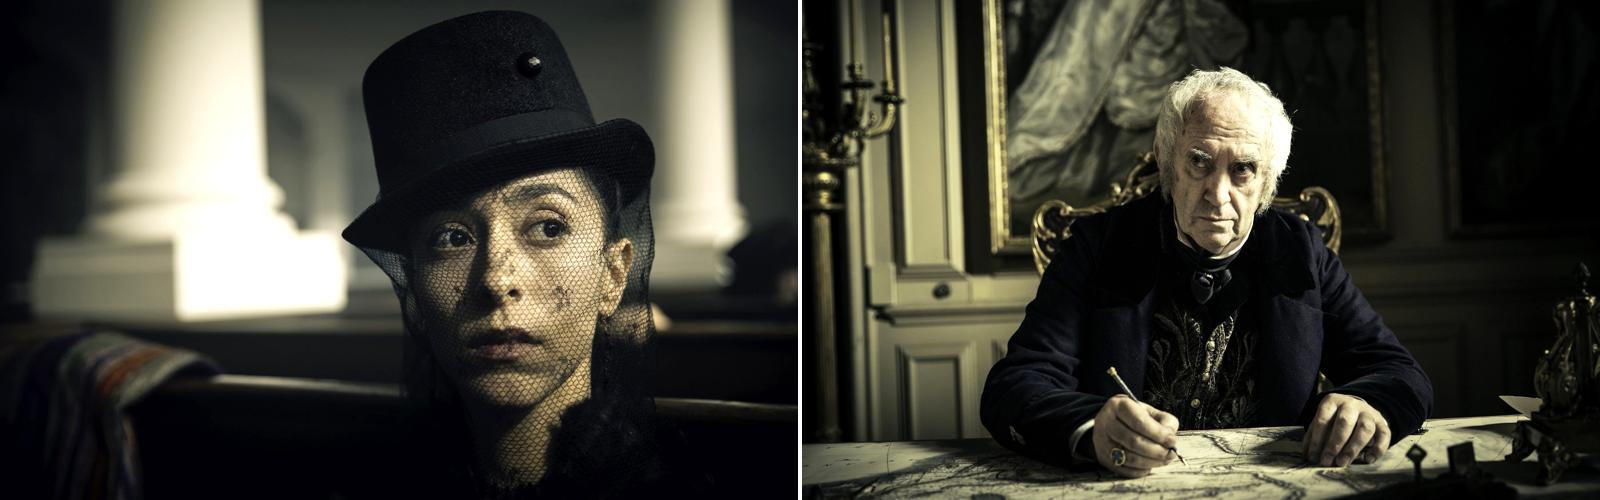 Taboo Oona Chaplin Jonathan Pryce